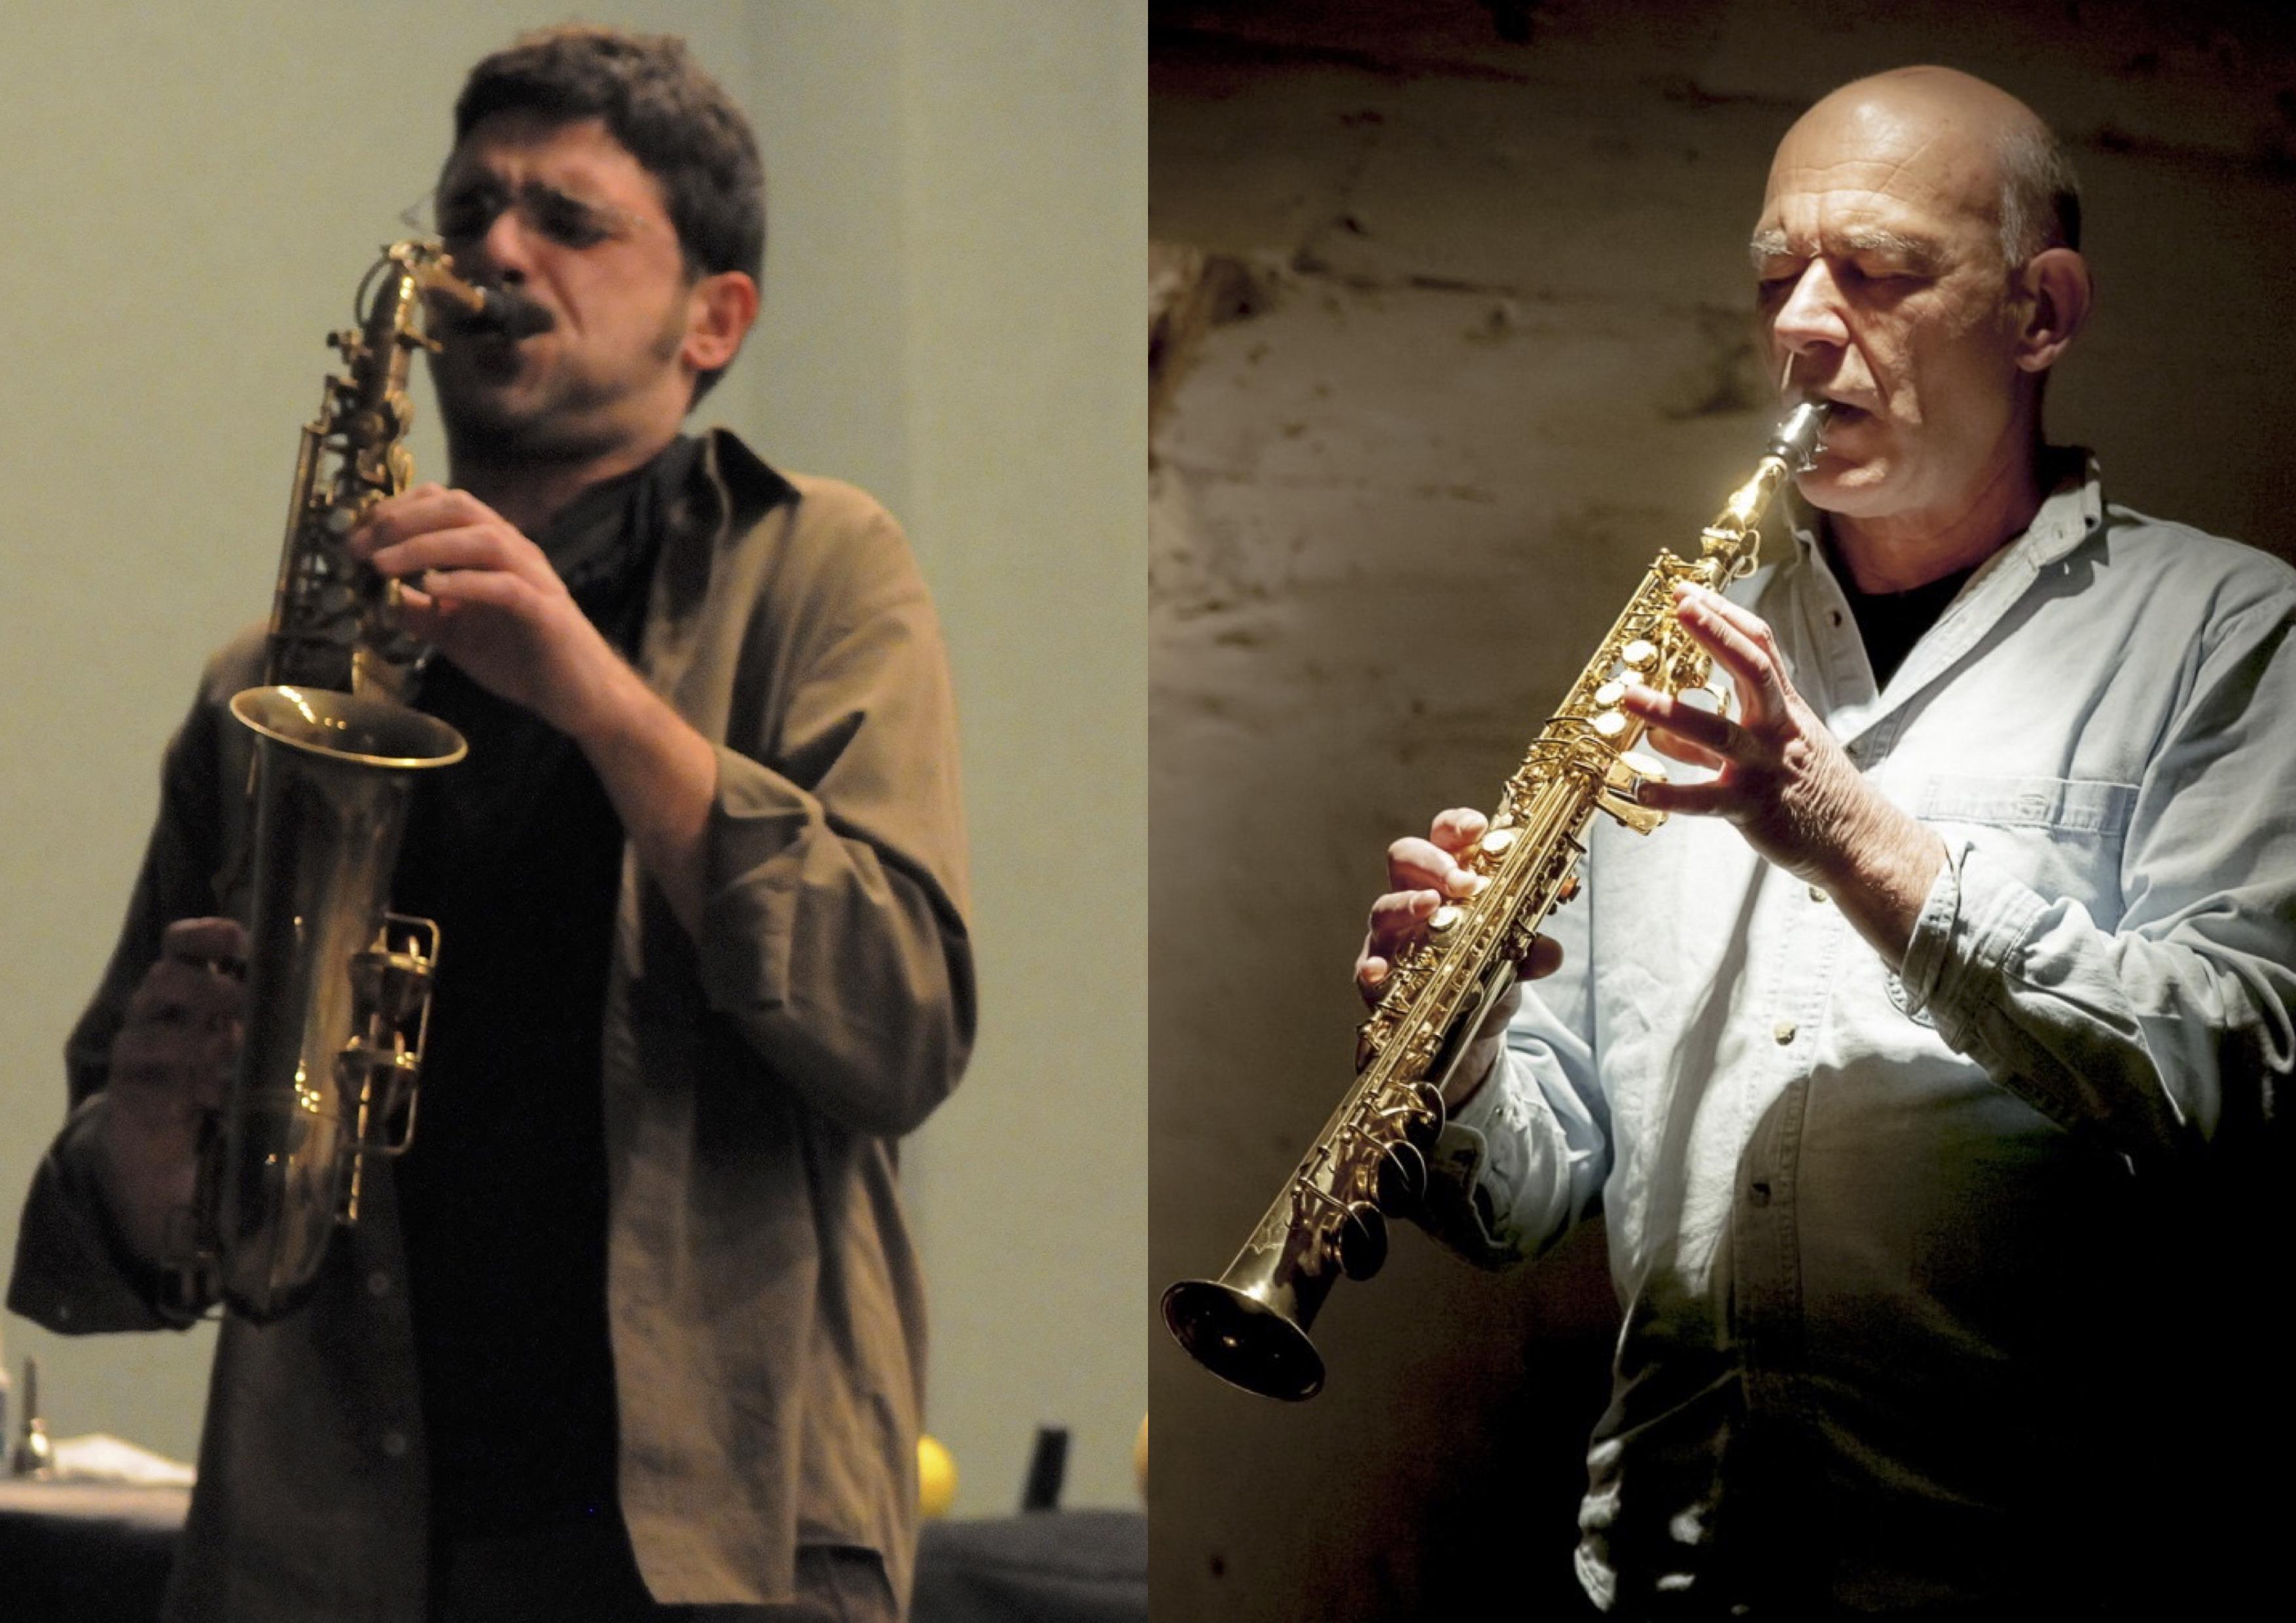 Michel Doneda e Davide Barbarino - Les Arbres